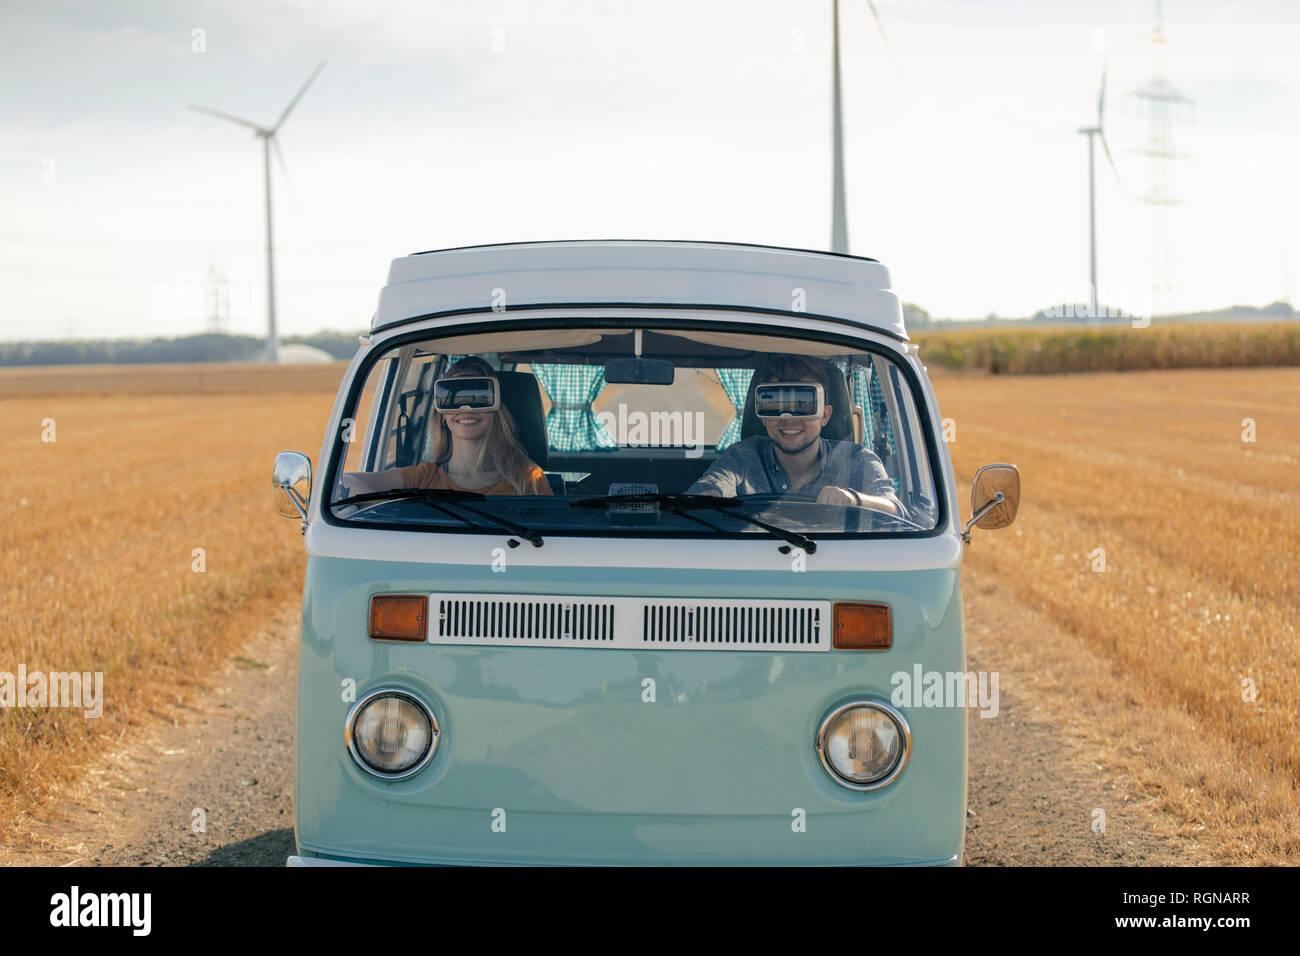 Pareja sonriente vistiendo gafas VR autocaravana conducción en paisaje rural Foto de stock